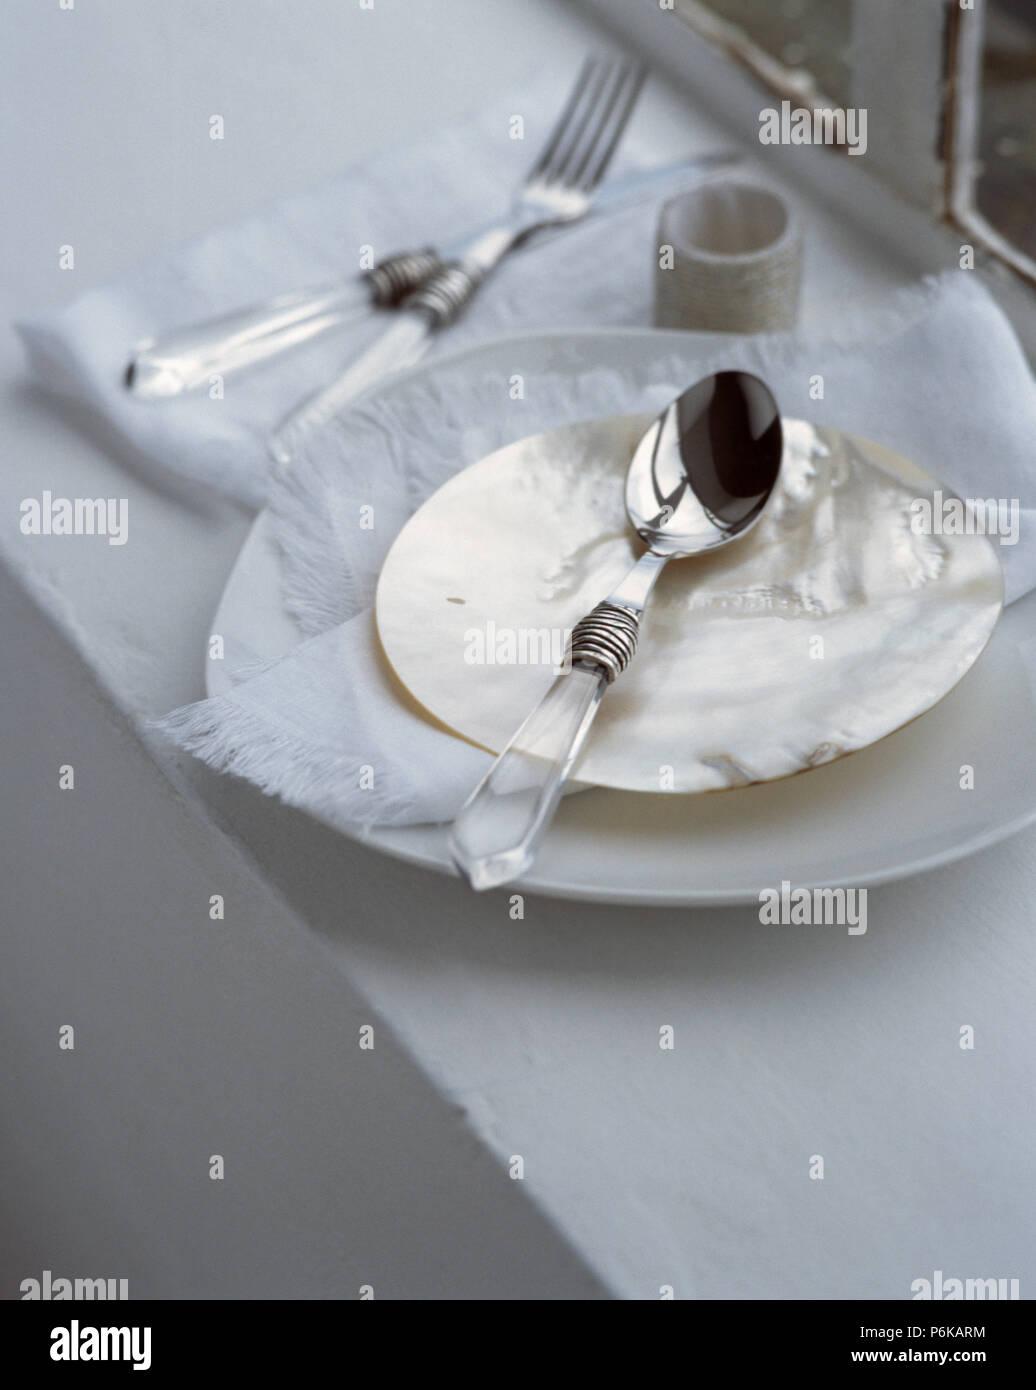 Close-up de acrílico transparente manejan cuchara en nácar de placa Foto de stock